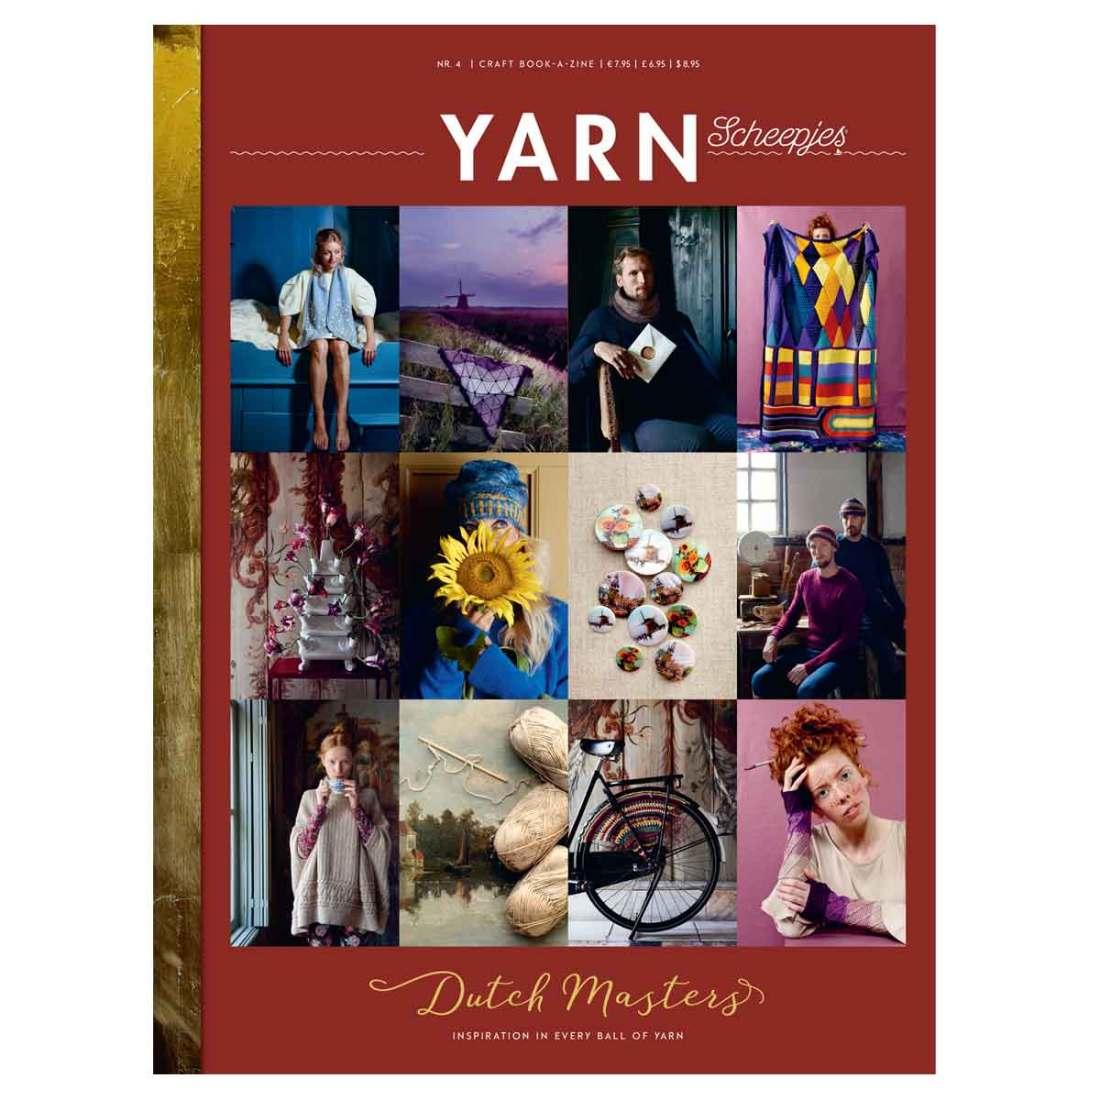 scheepjes bookazine yarn 4 dutch masters